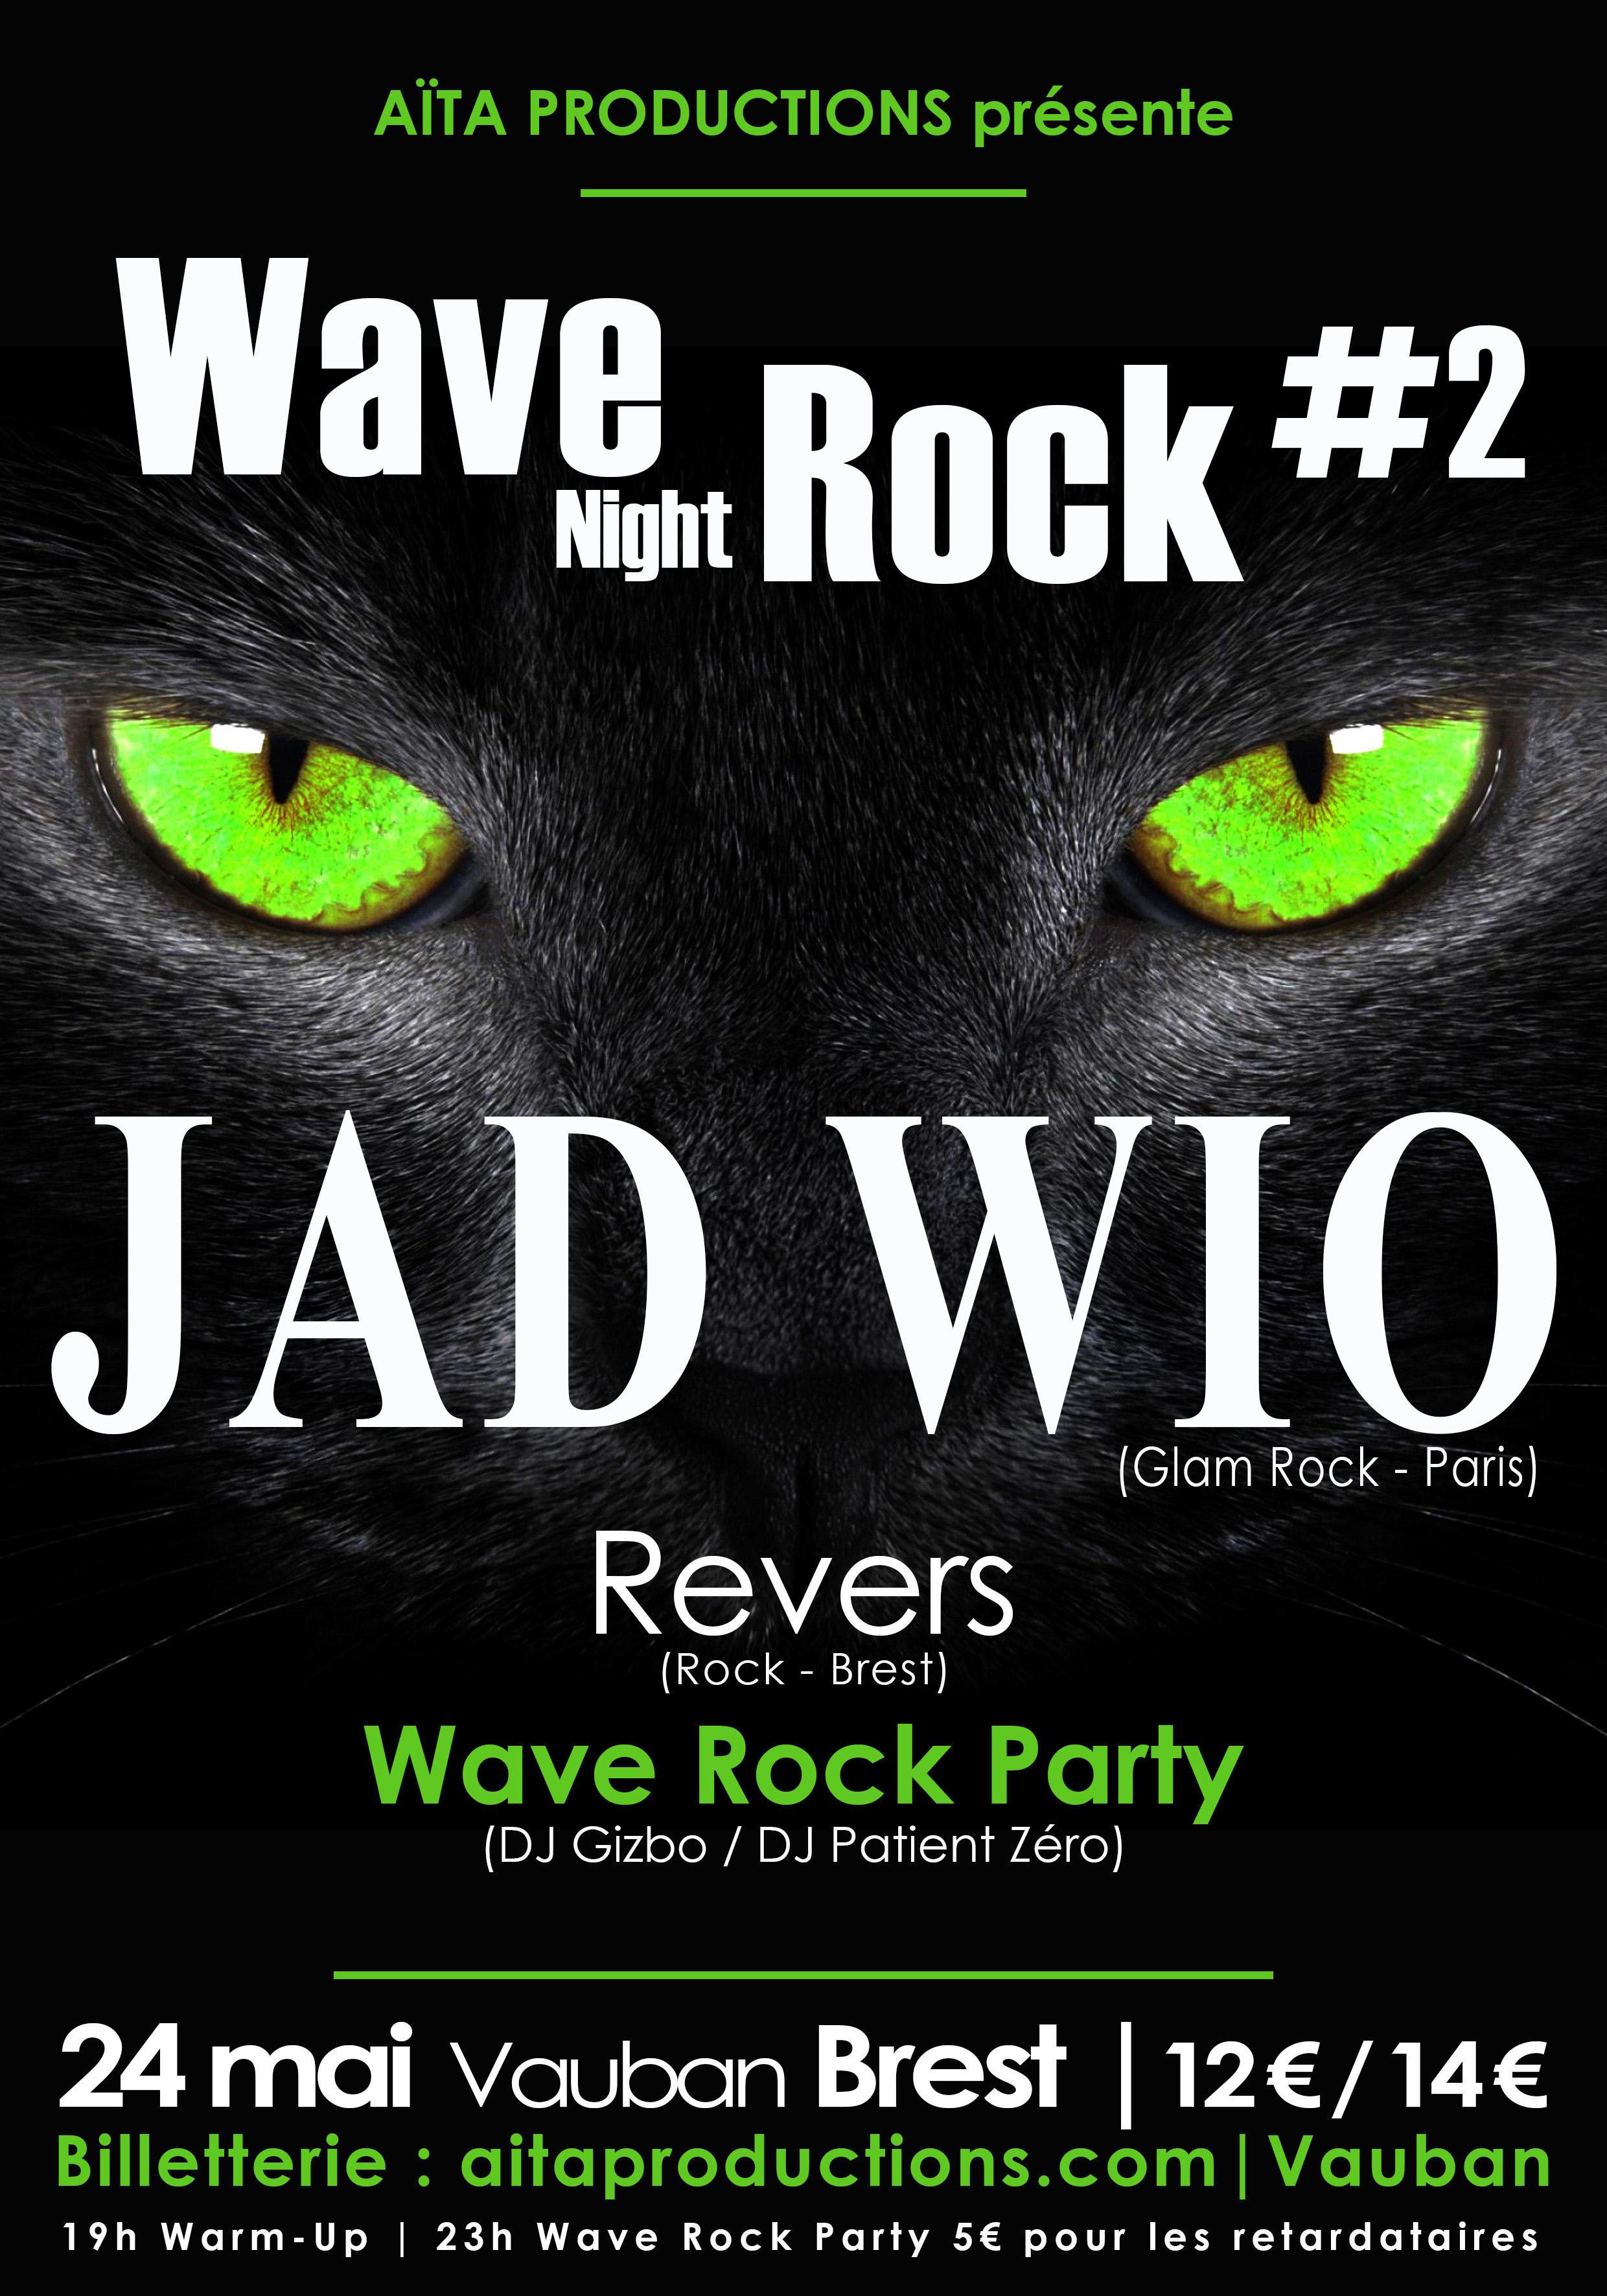 Affiche Wave Rock Night 2